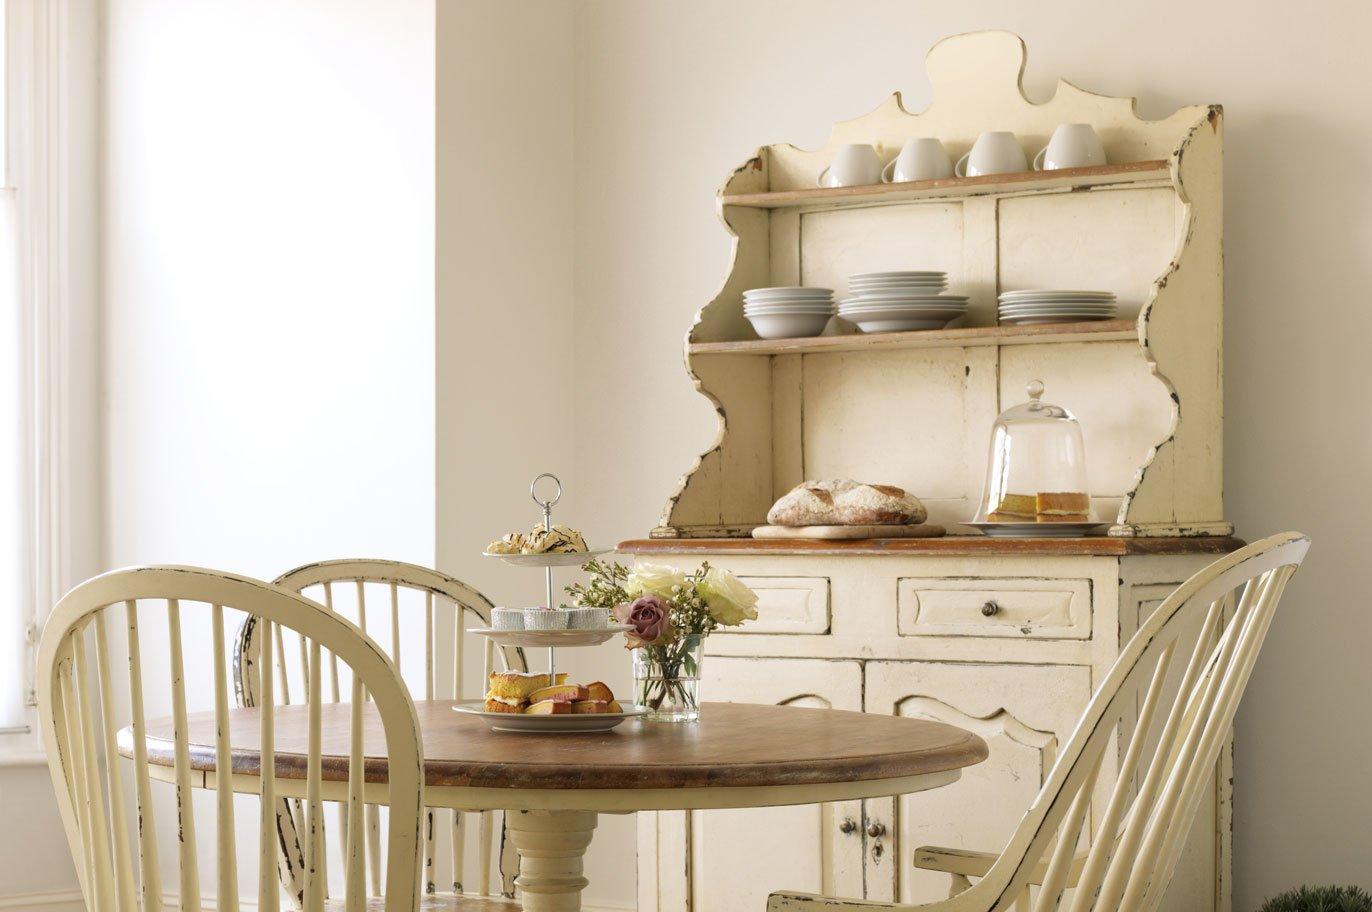 Muebles para una cocina de estilo ingl s decoraci n del for Aparador cocina